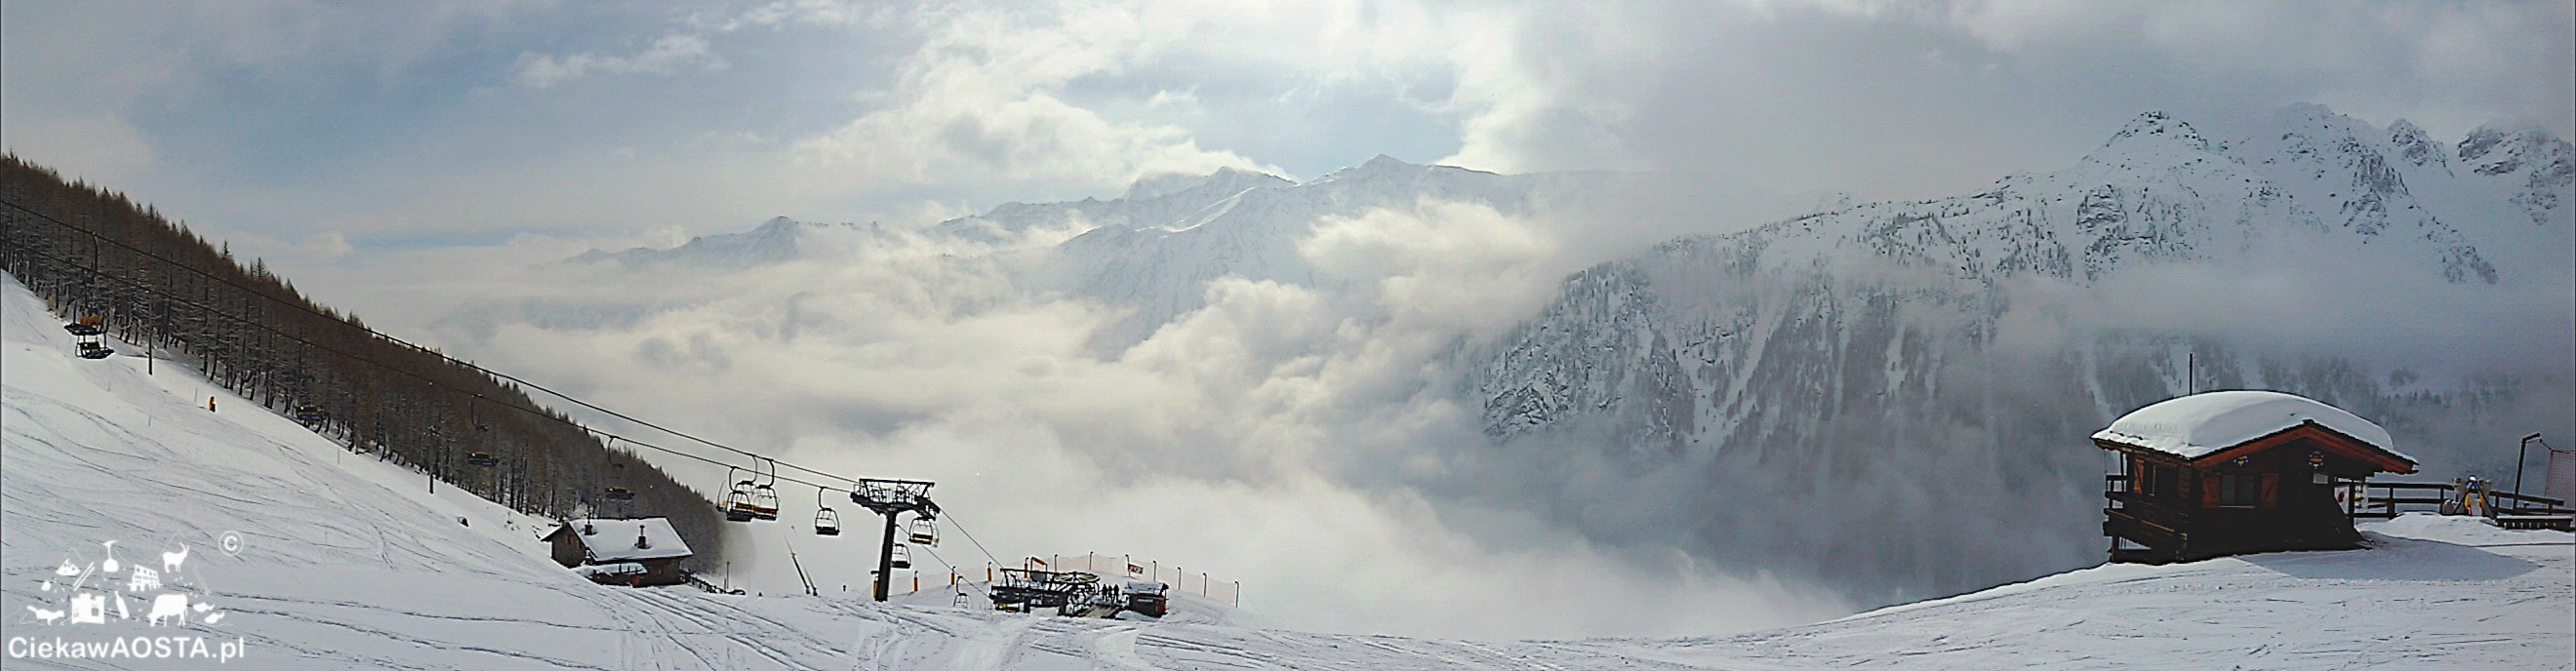 Ponad chmurami :-).